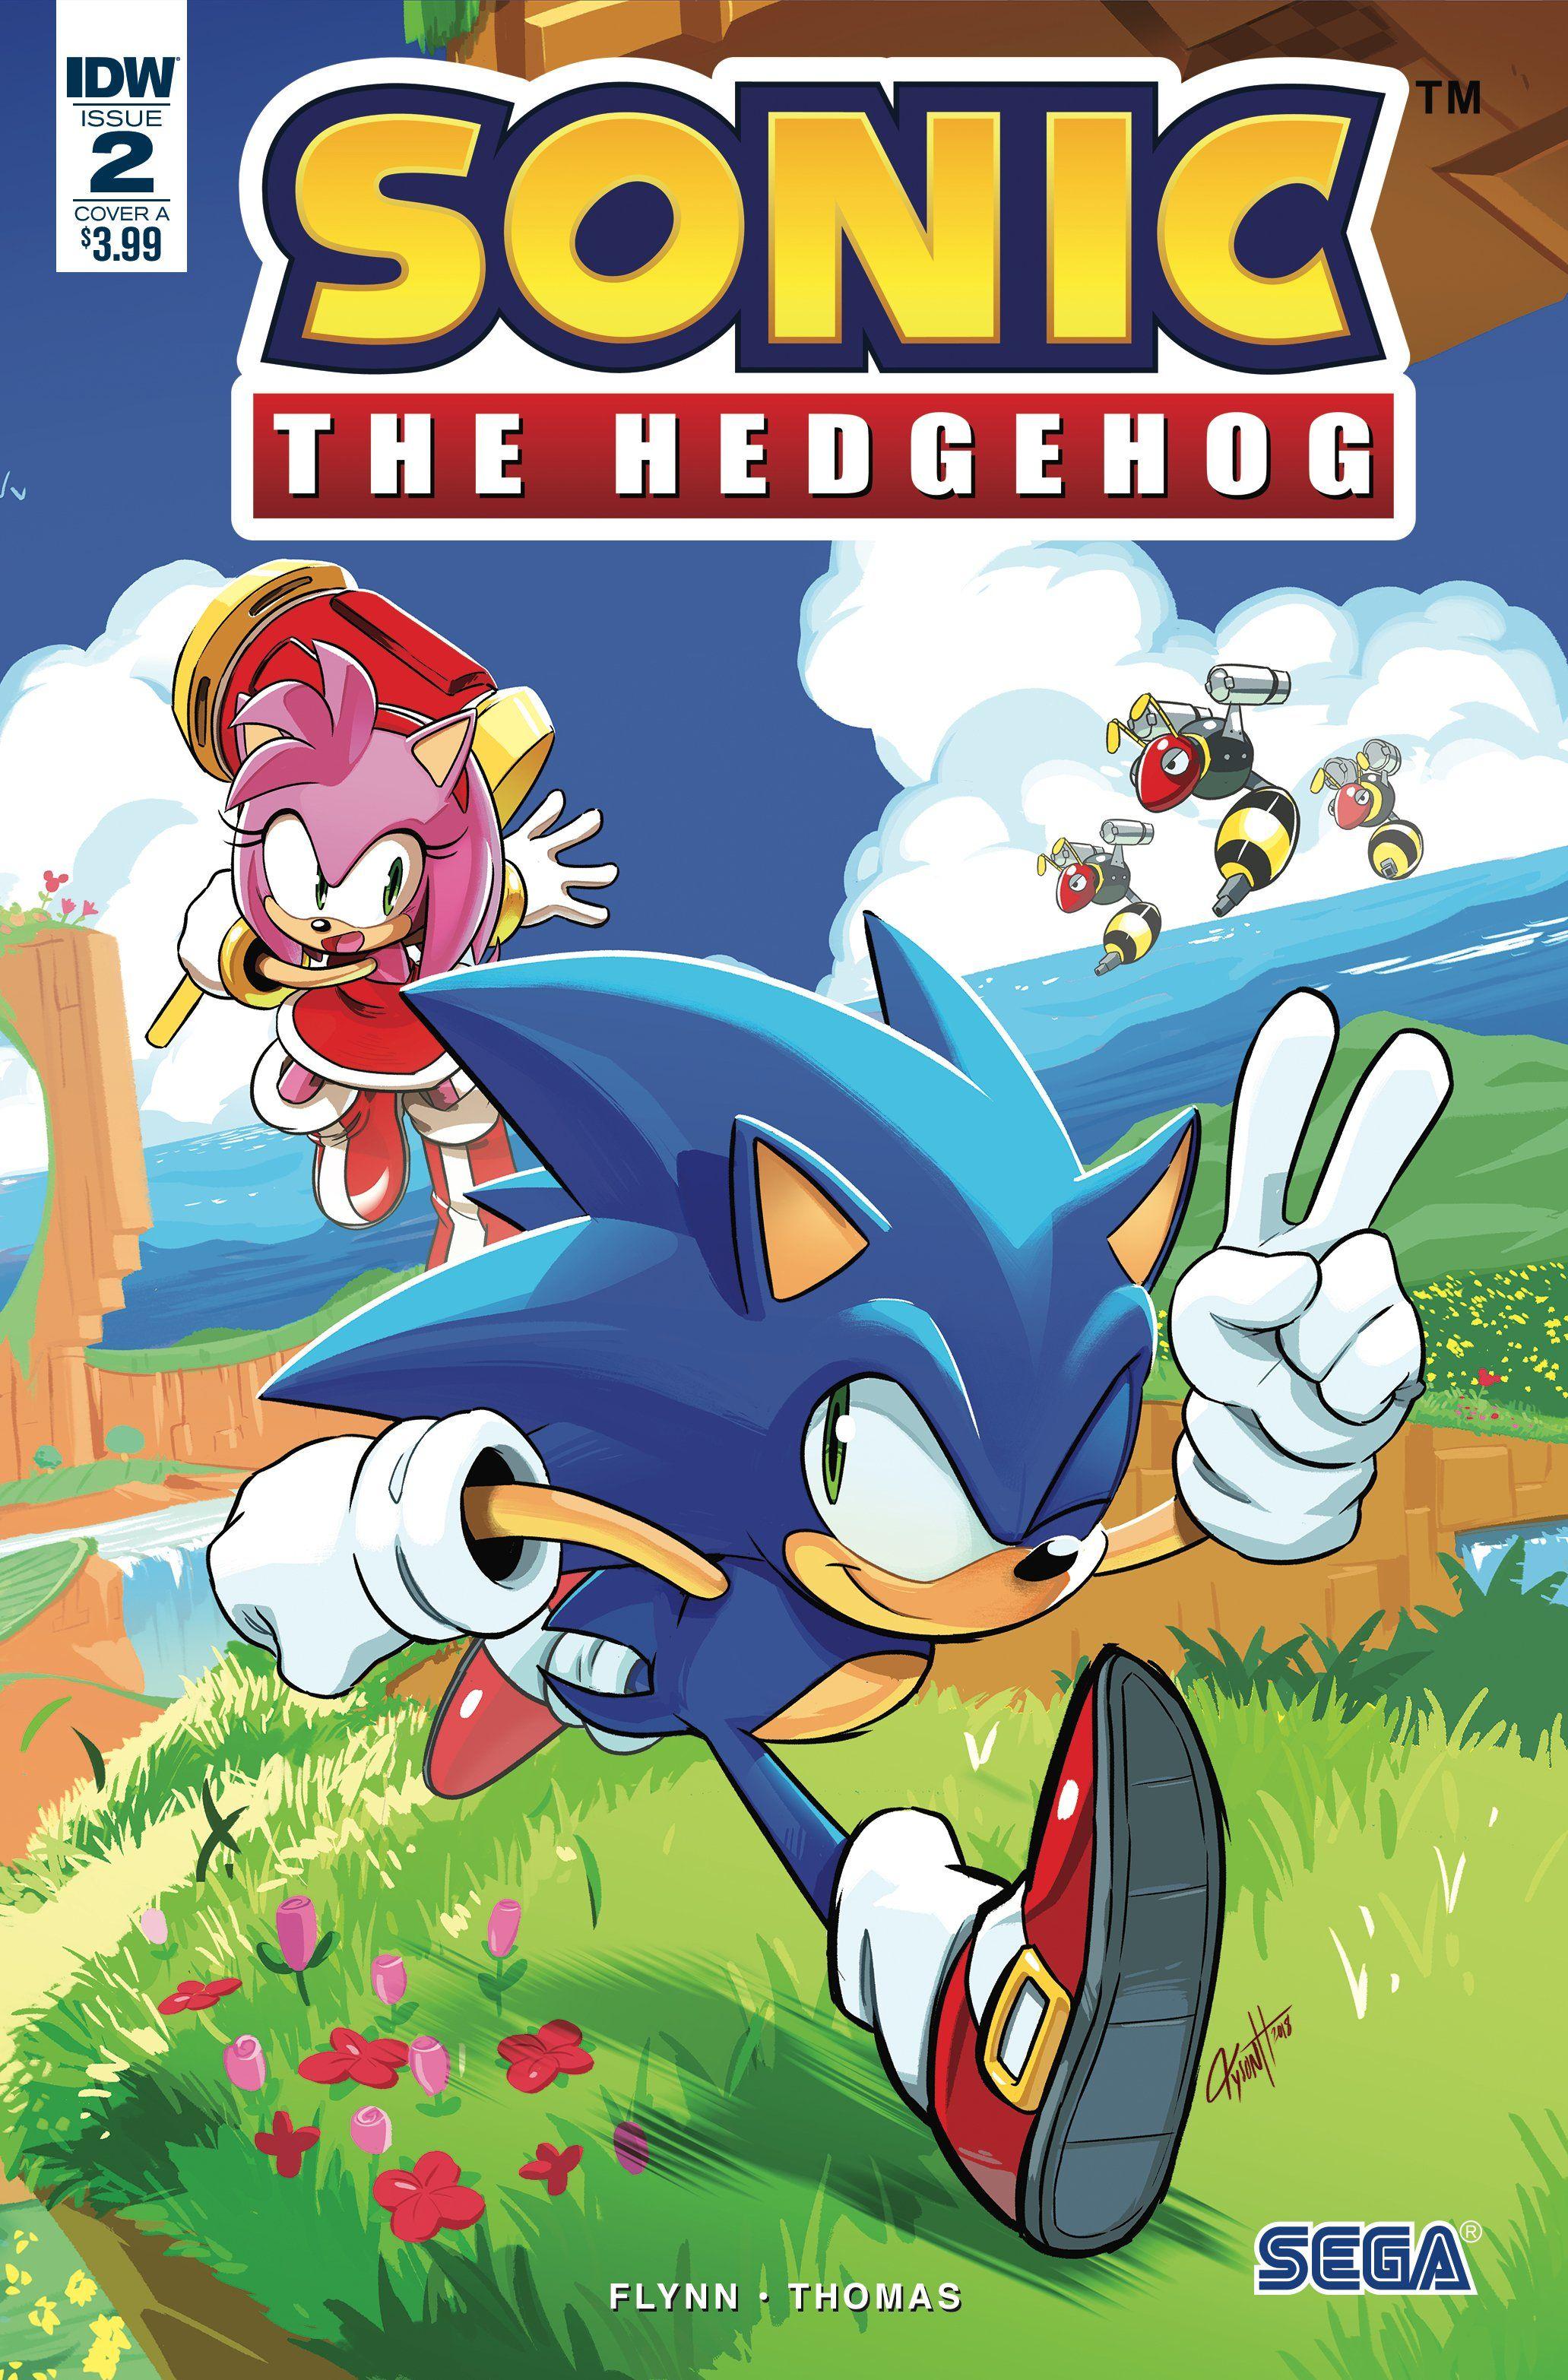 Sonic The Hedgehog 2 Sonic The Hedgehog Comic Books Comics